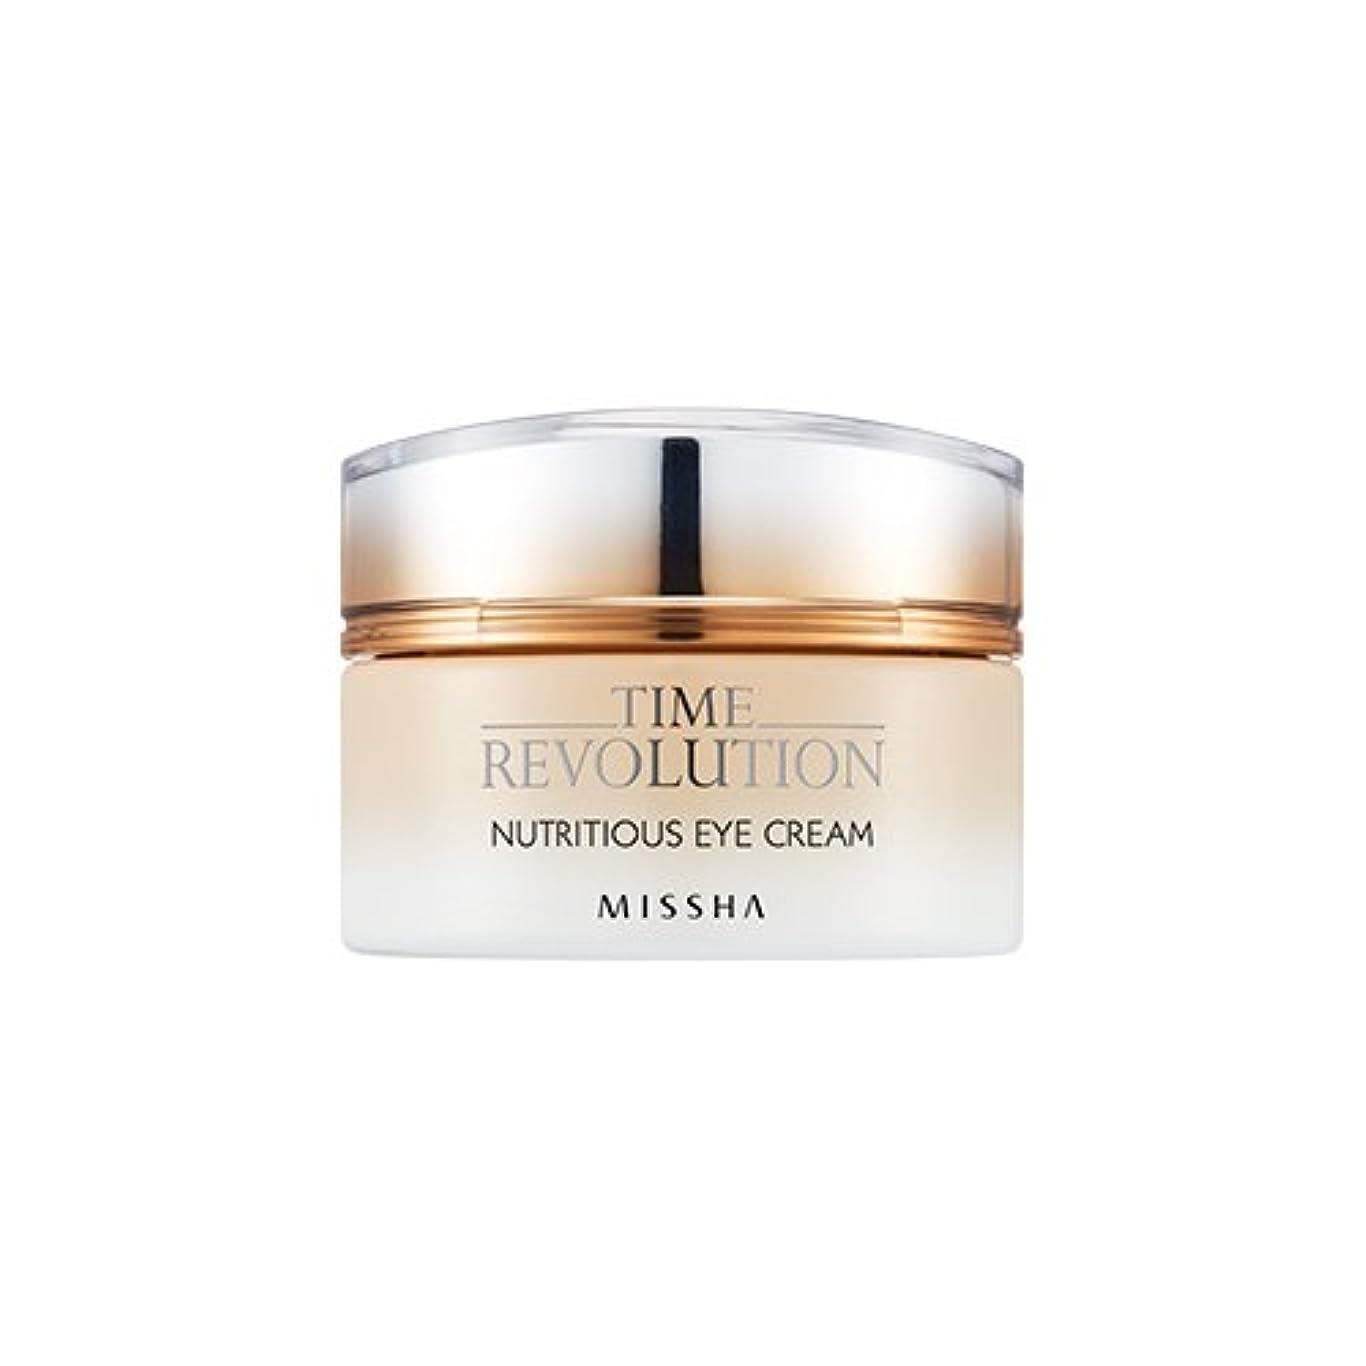 レイプ構想する屋内で[New] MISSHA Time Revolution Nutritious Eye Cream 25ml/ミシャ タイム レボリューション ニュートリシャス アイクリーム 25ml [並行輸入品]